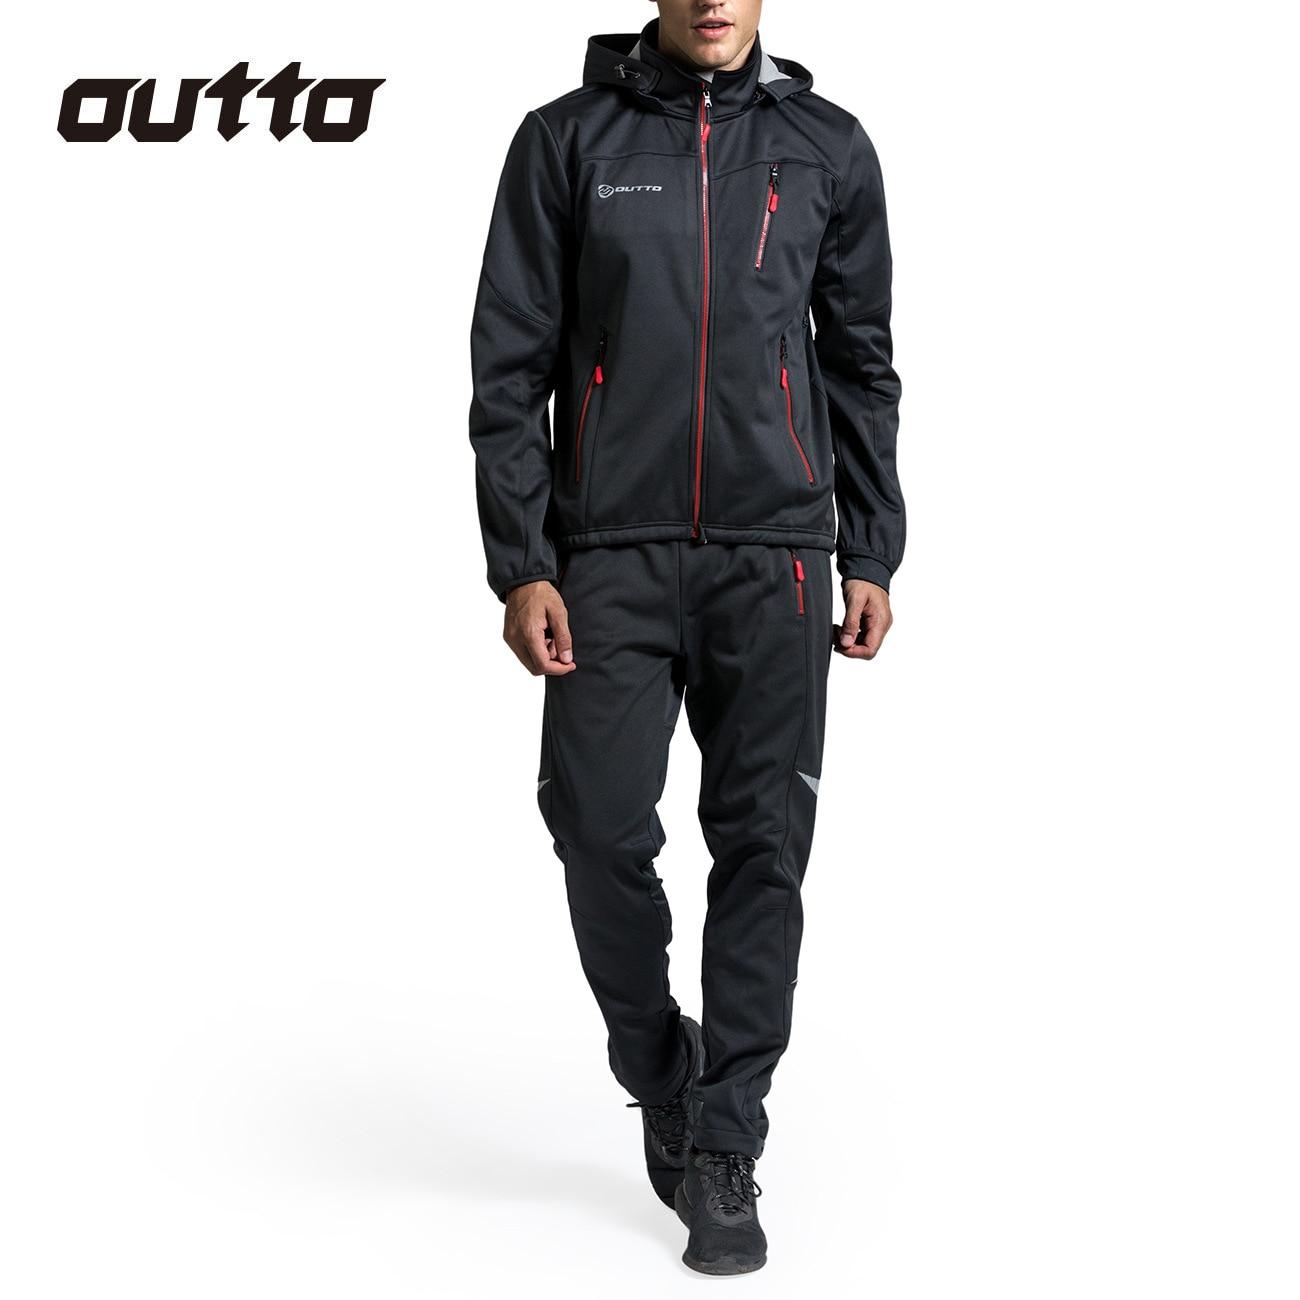 Зимняя теплая ветрозащитная флисовая одежда для велоспорта, Мужской трикотажный костюм, спортивные уличные водонепроницаемые штаны для езды на велосипеде, теплые комплекты для велоспорта|Велосипедные комплекты|   | АлиЭкспресс